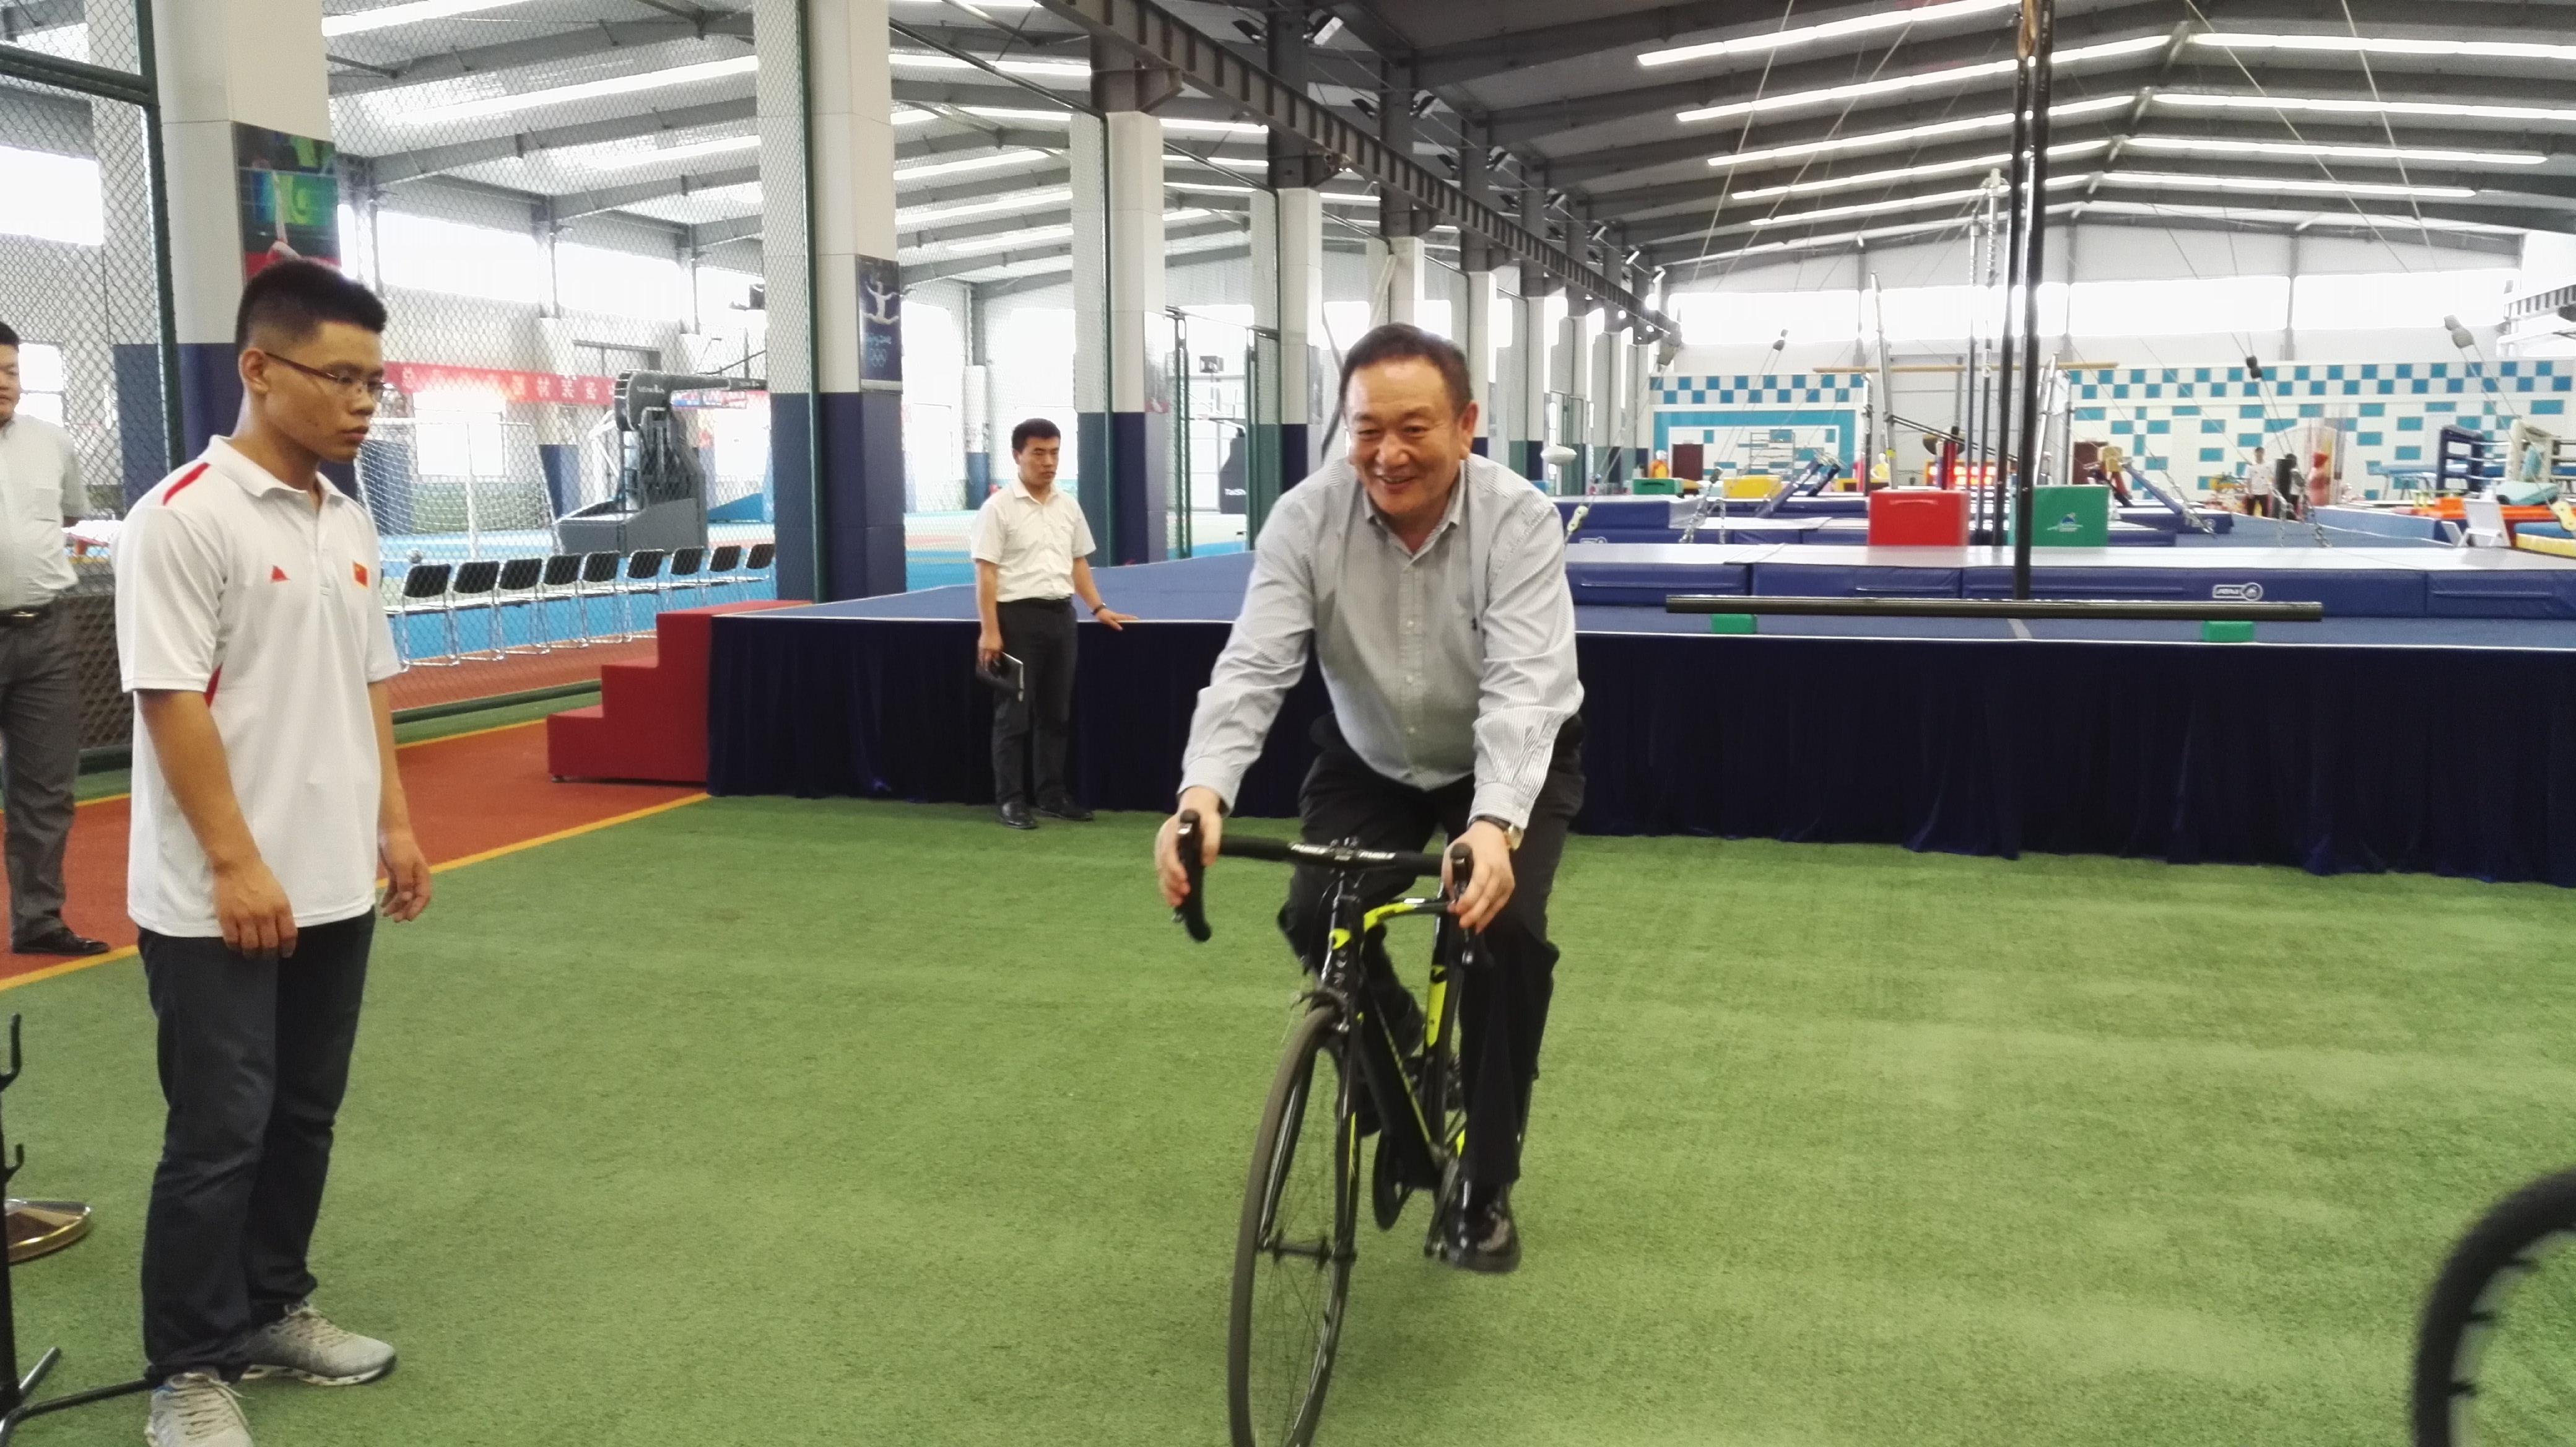 卞志良试骑泰山体育自己研制的高级自行车